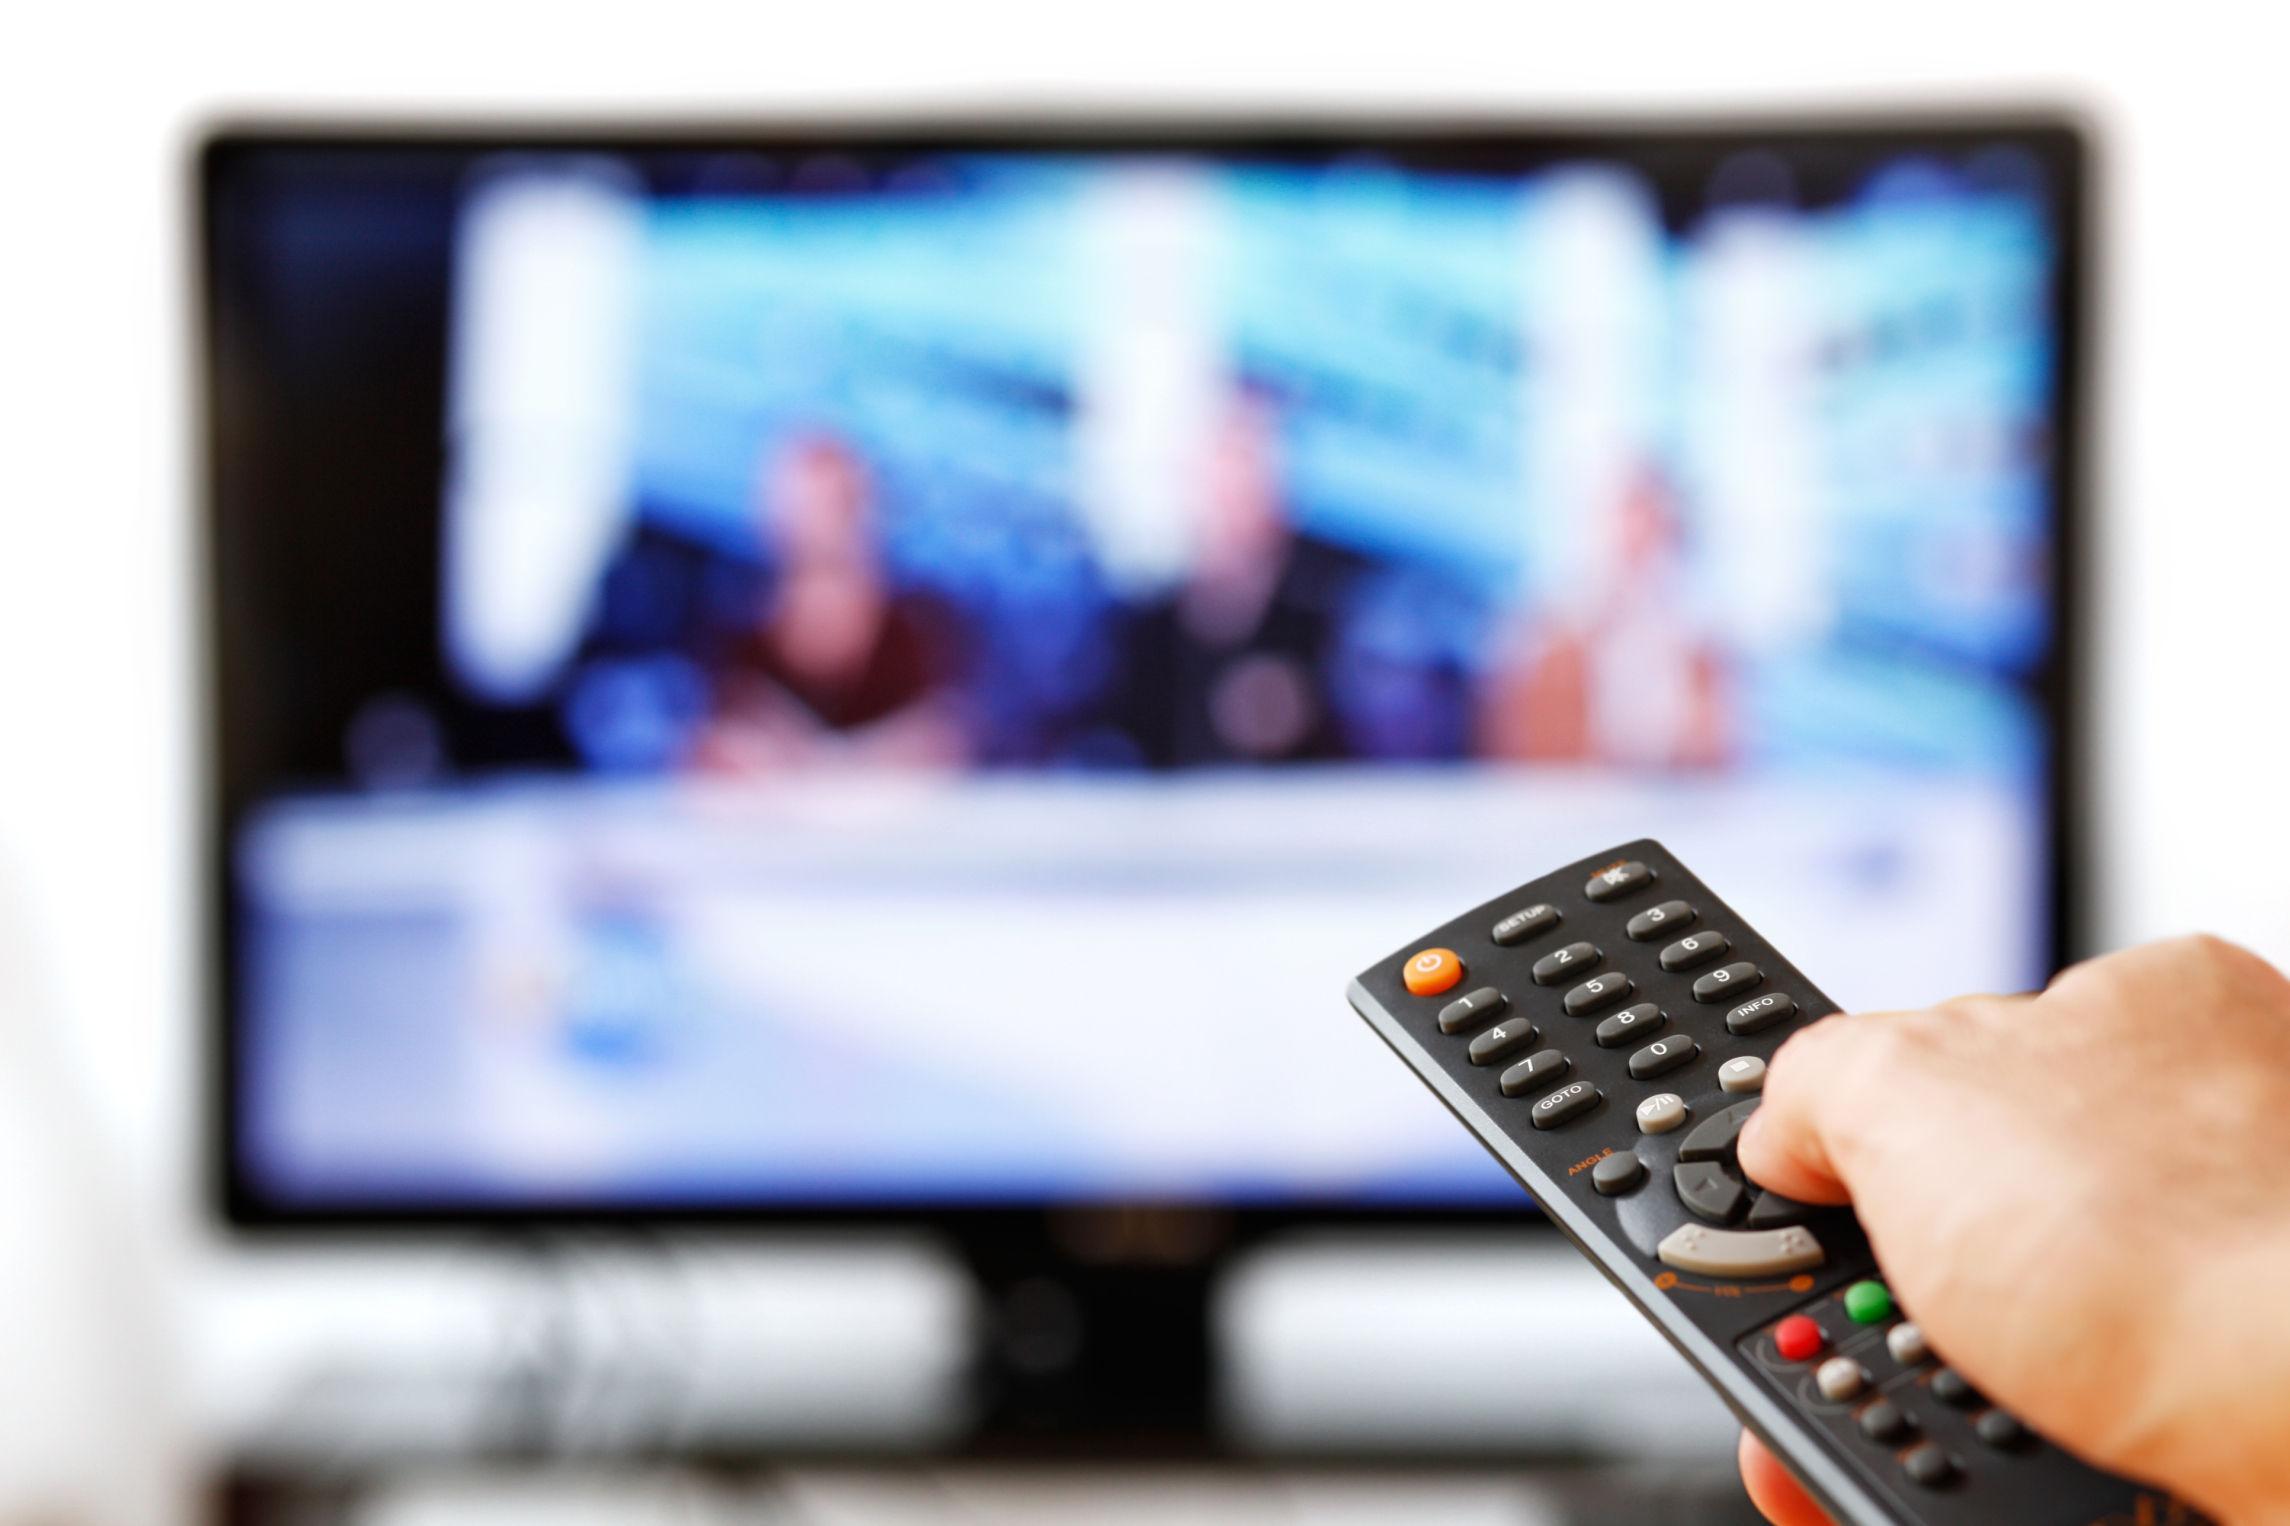 13110 - ¿Conoces a estos colaboradores/tertulianos actuales de la TV?